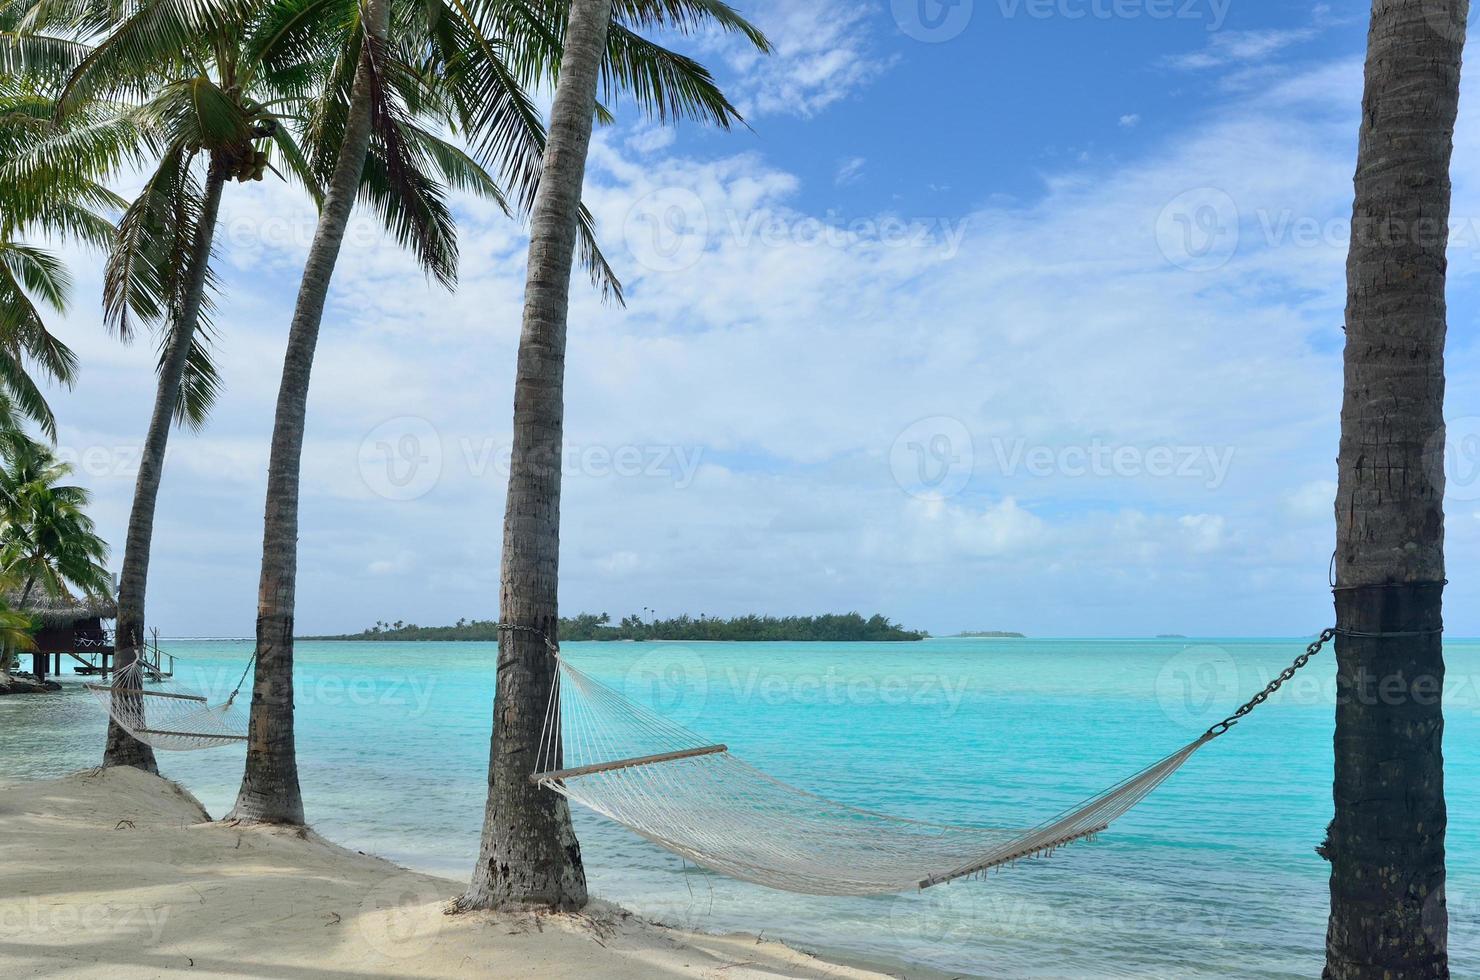 hamac sur une île tropicale photo